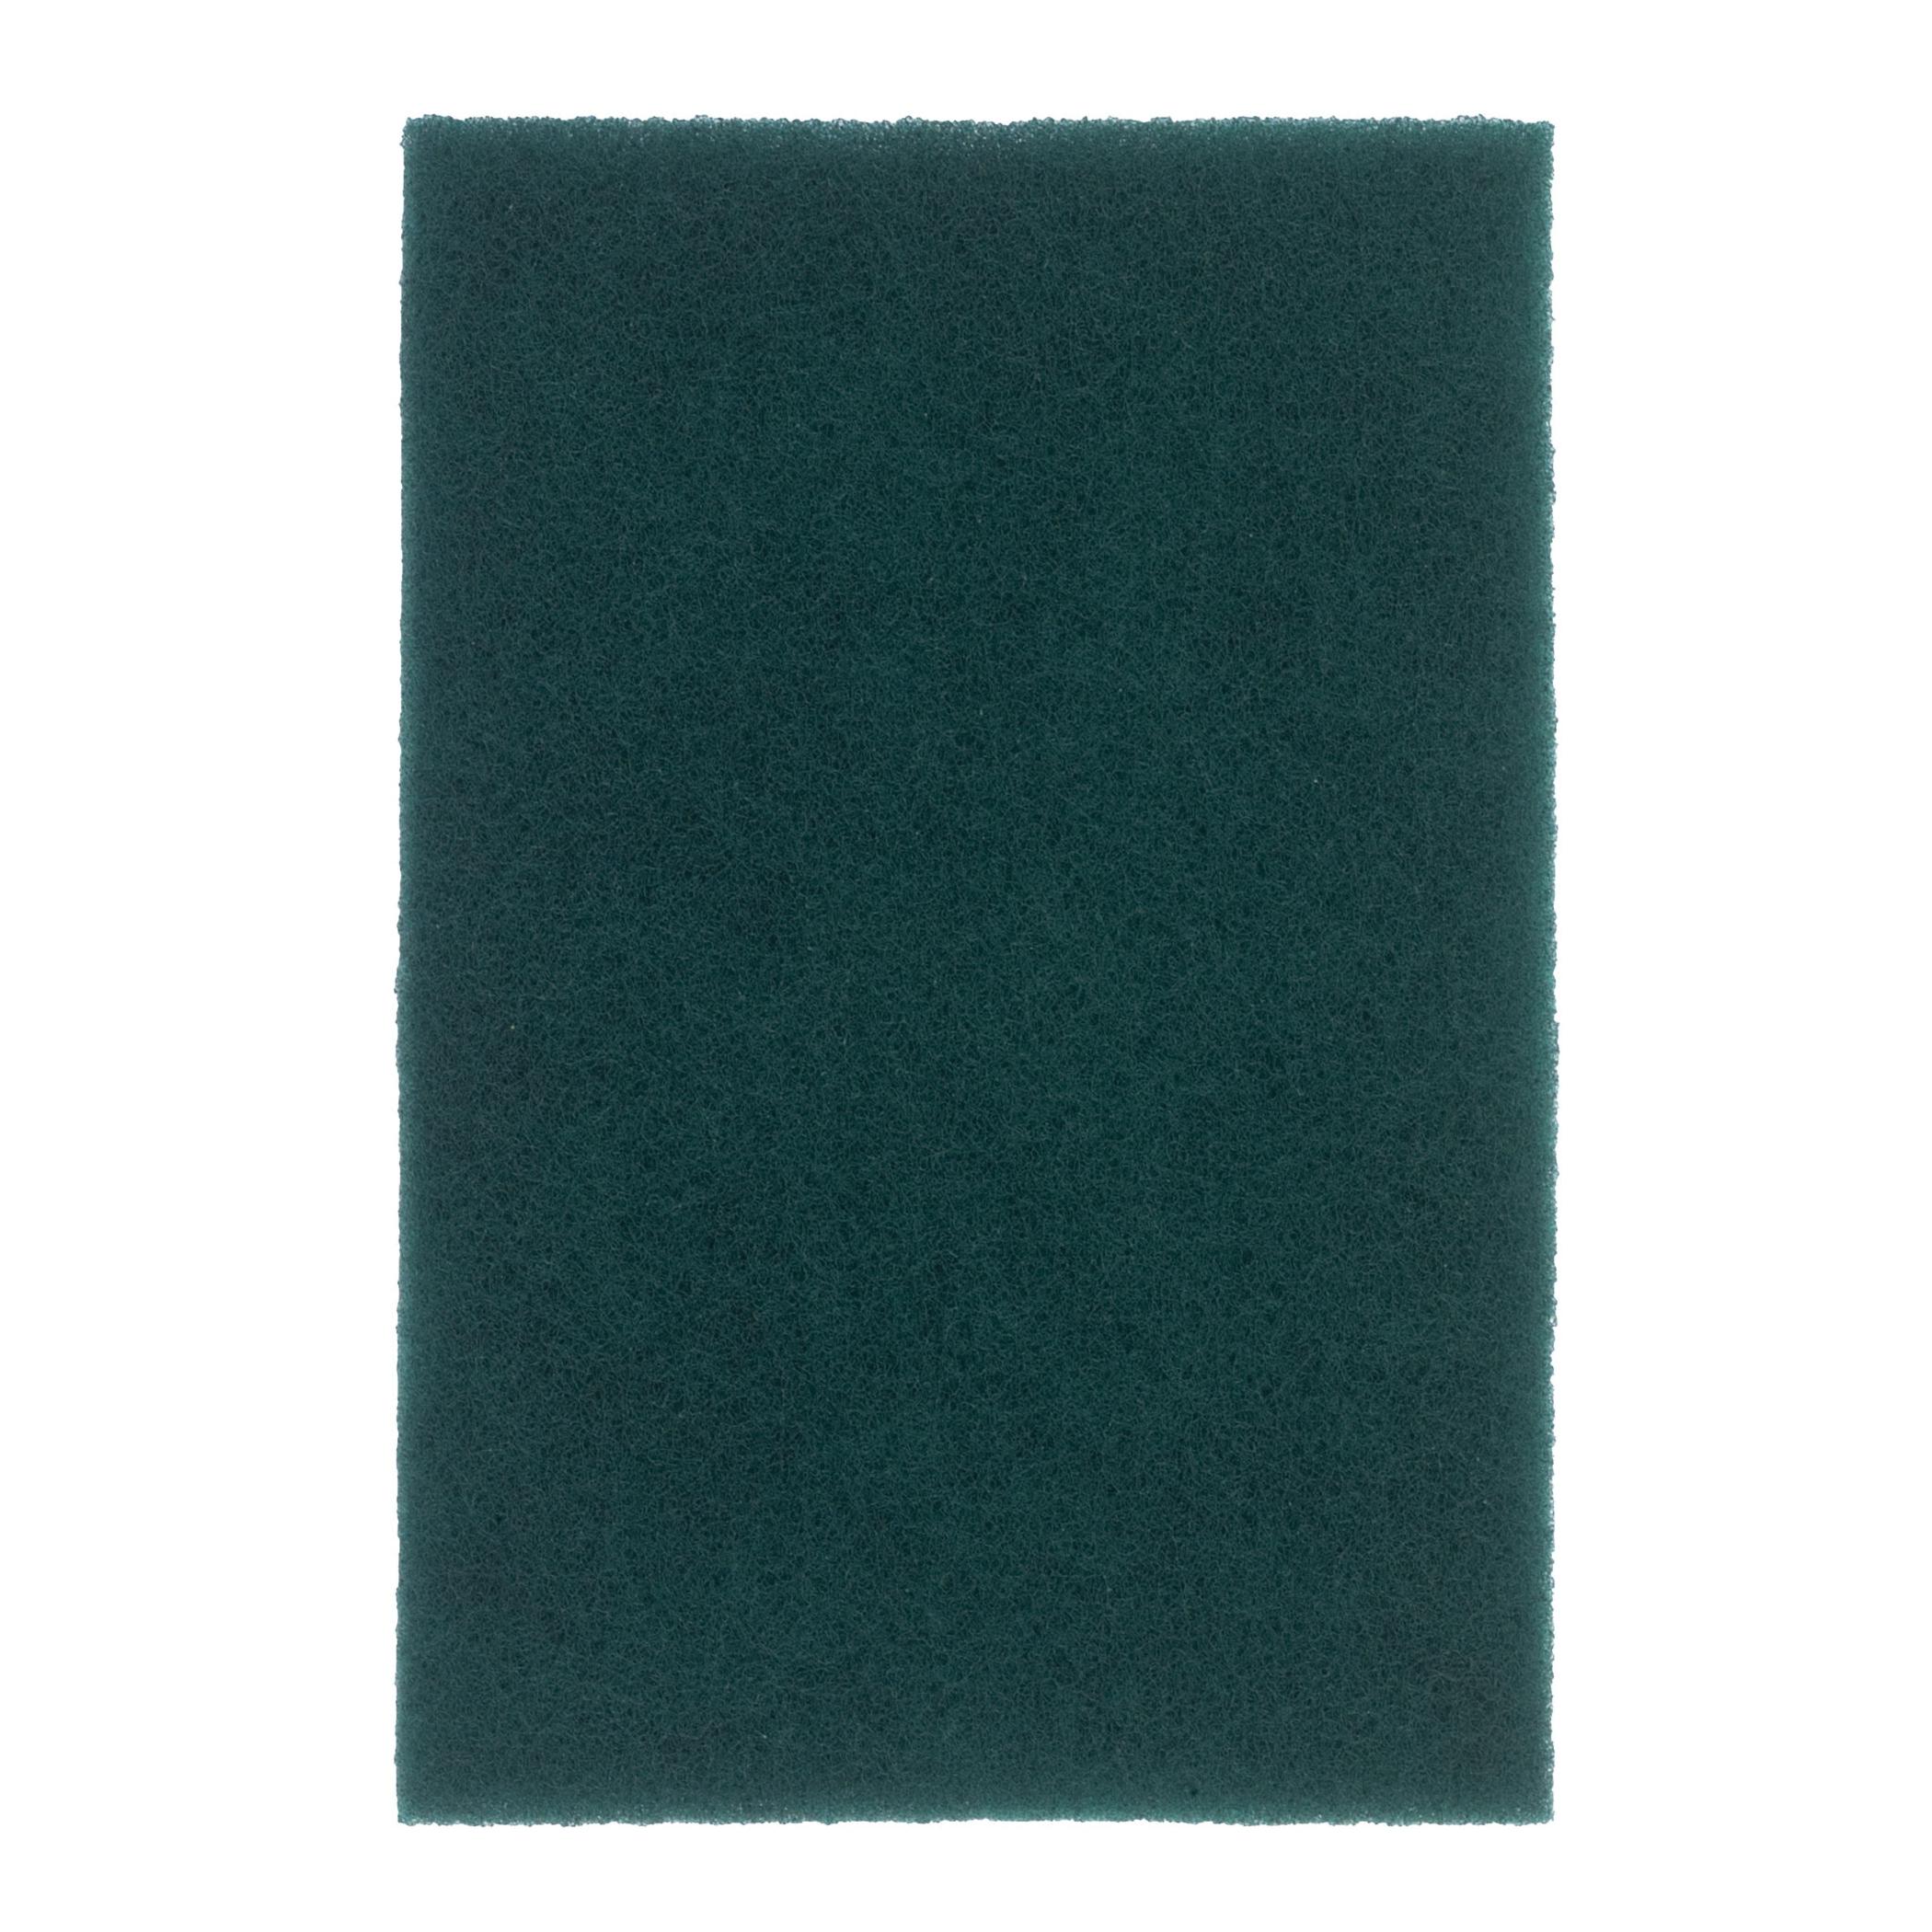 Norton® Bear-Tex® 66261059395 Non-Woven Hand Pad, 9 in L, 6 in W W/Dia, 1/4 in THK, Very Fine Grade, Aluminum Oxide Abrasive